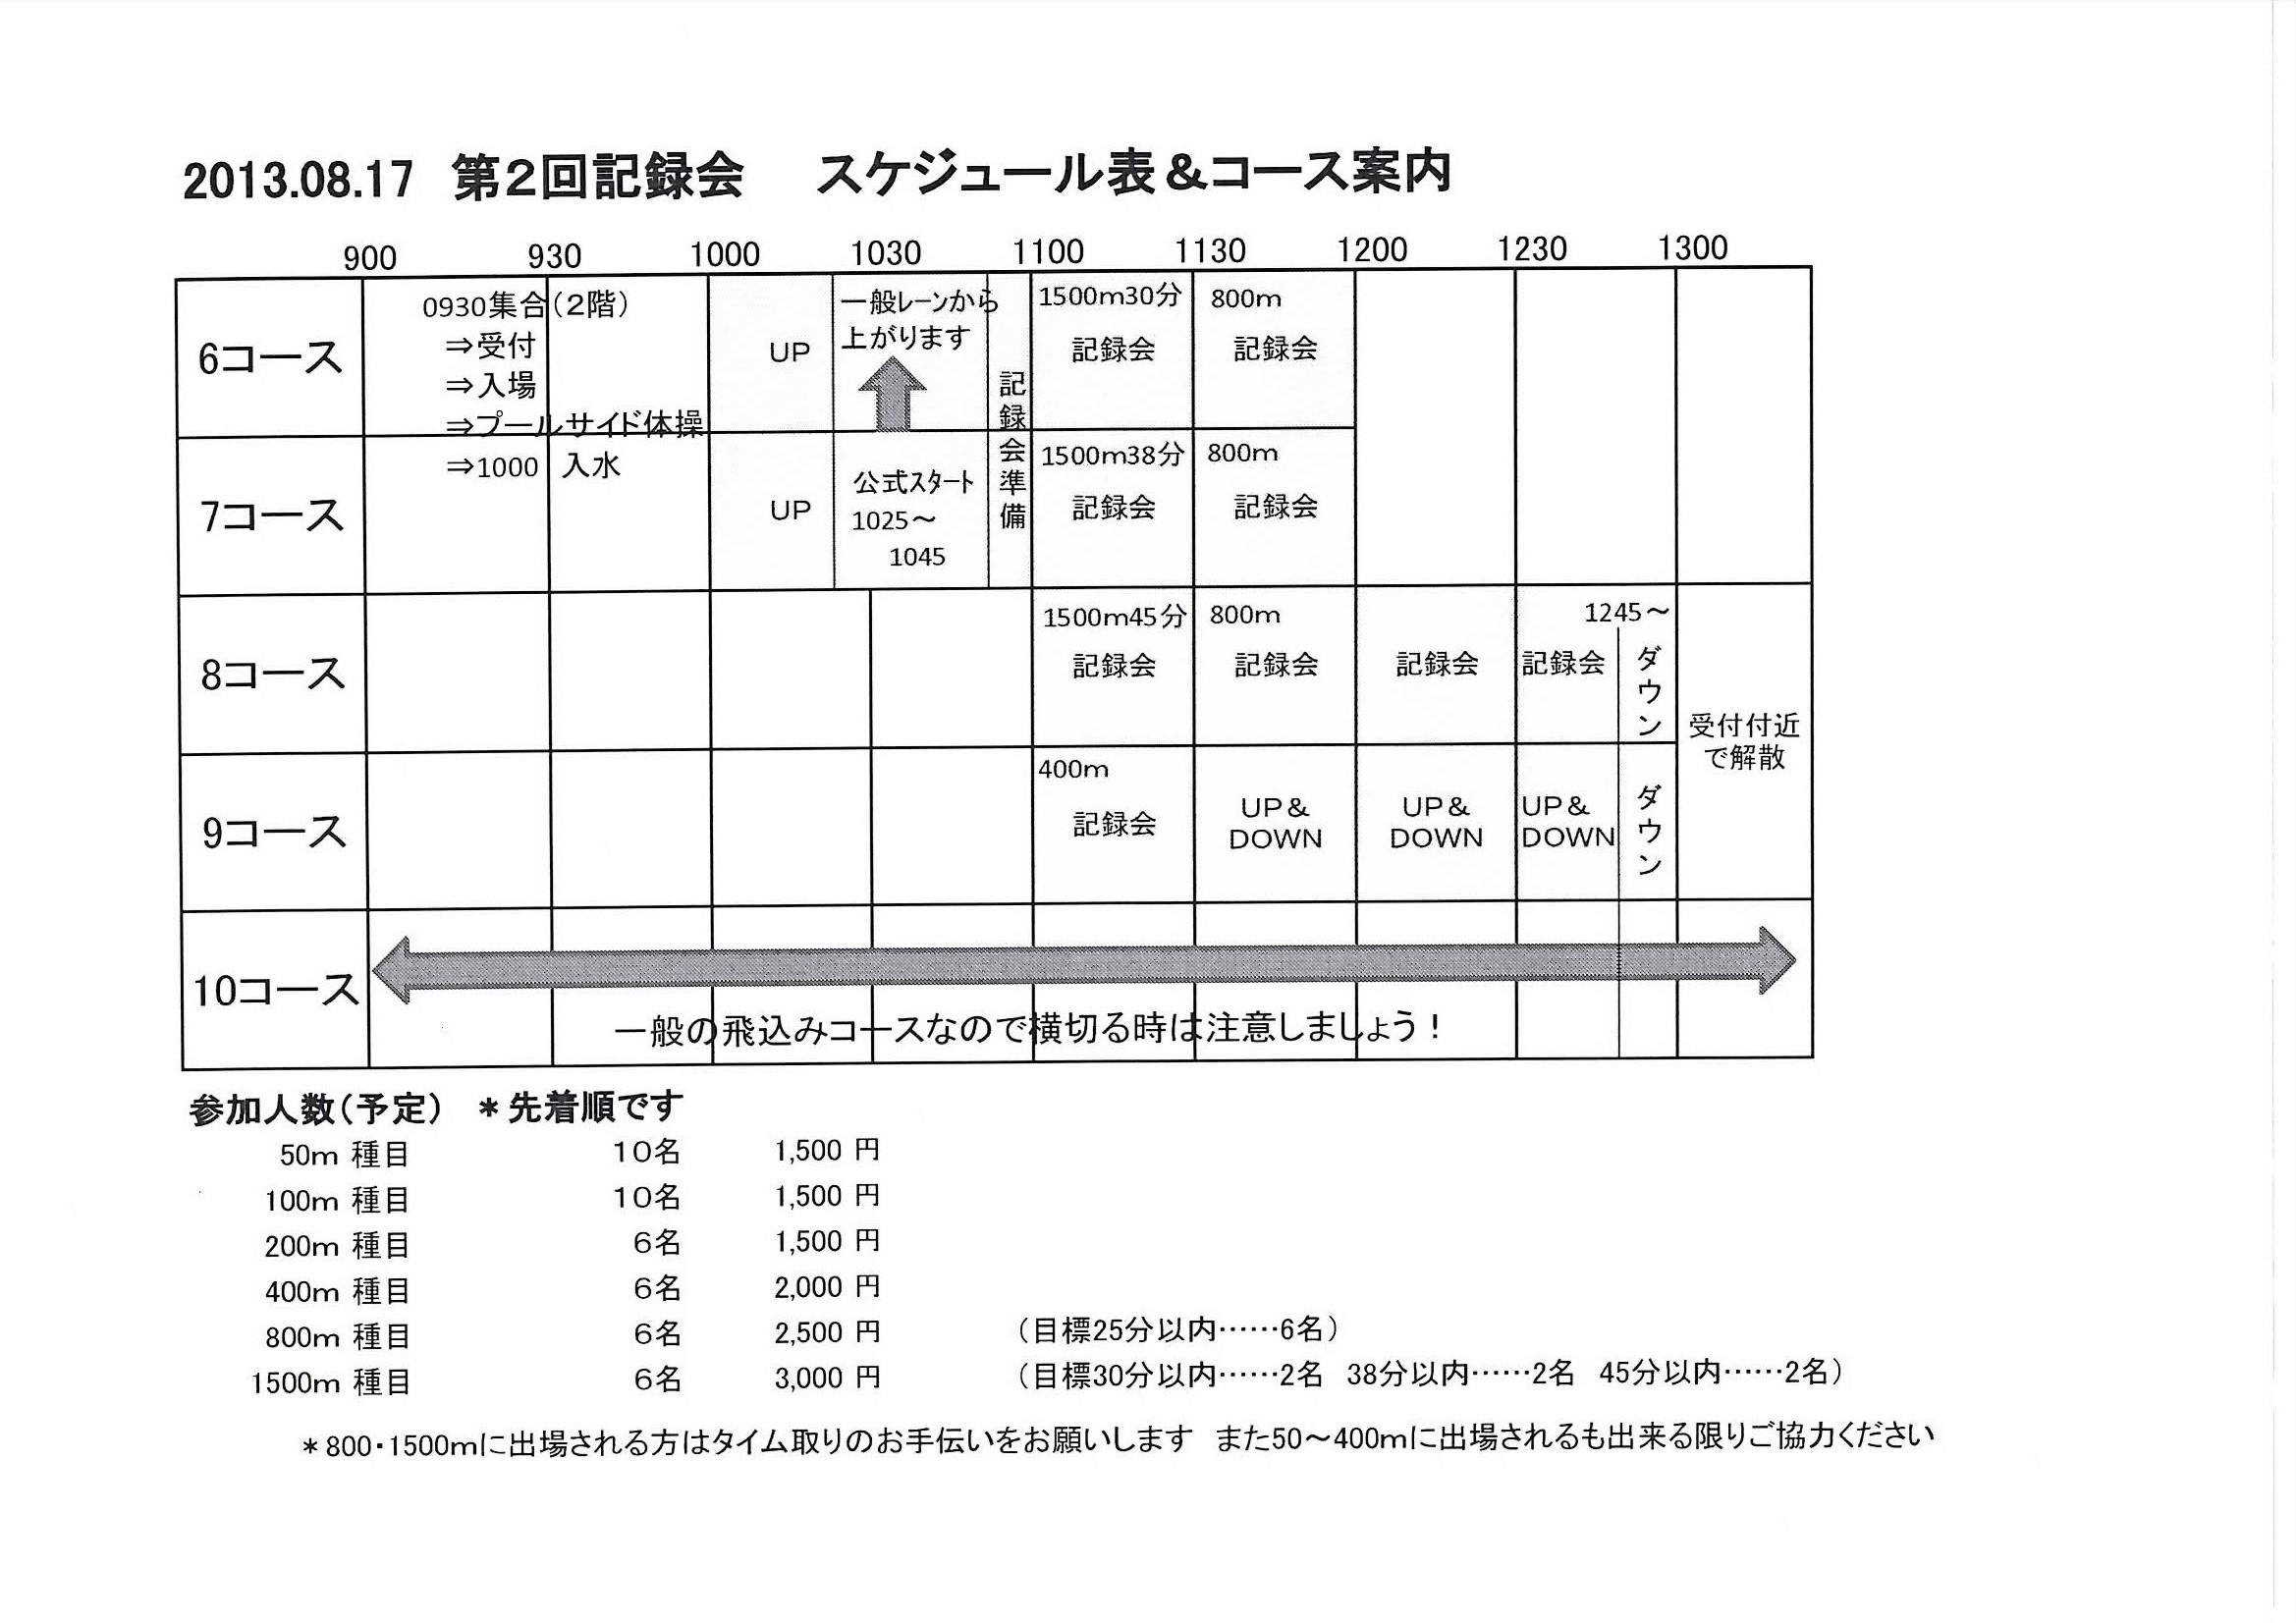 20130817 記録会スケジュール